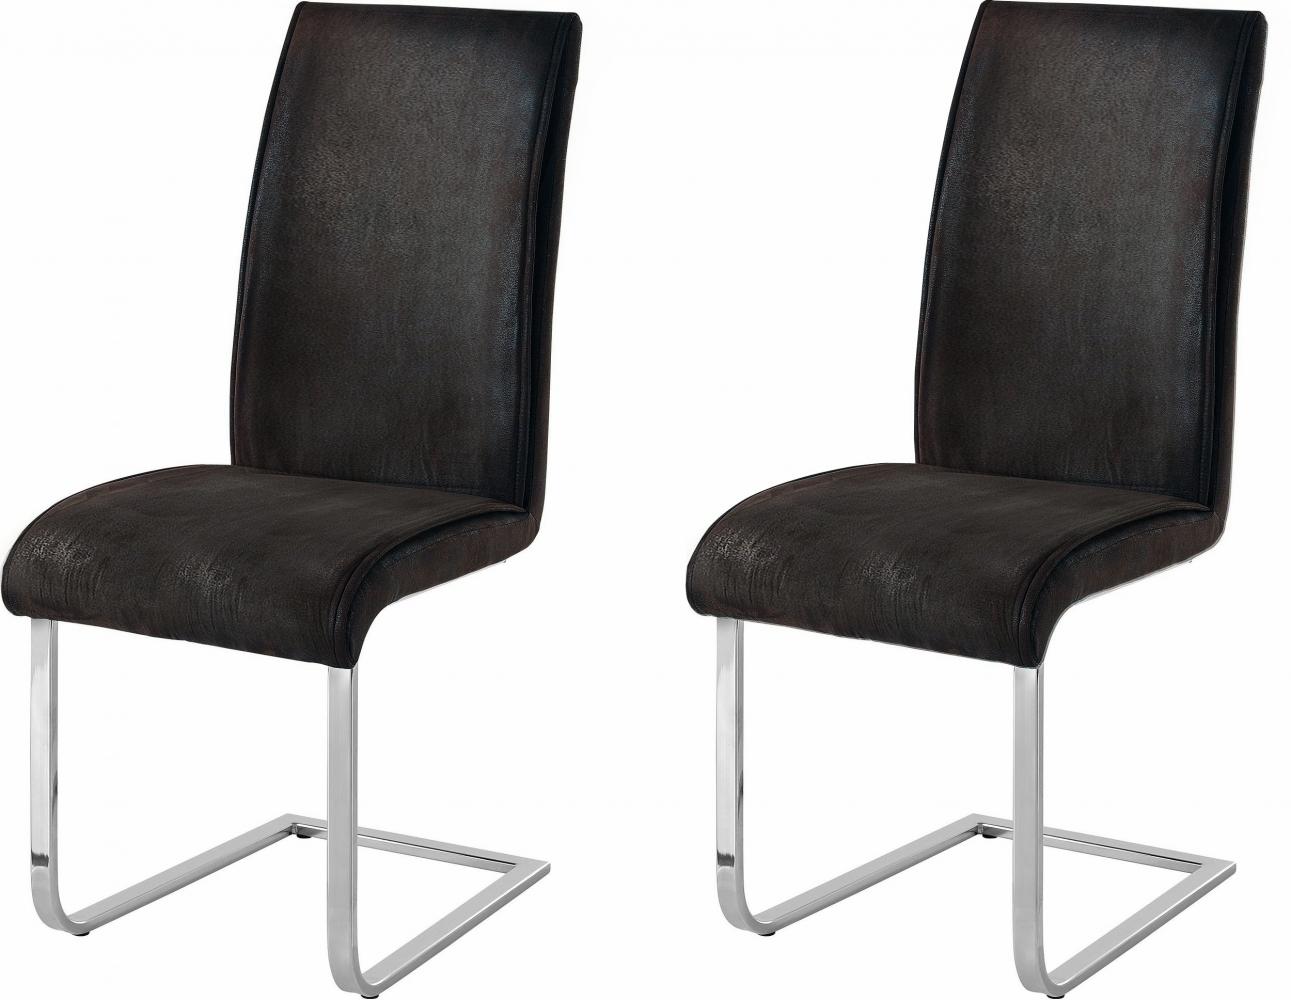 Jídelní židle Mant (SET 2 ks), antracitová